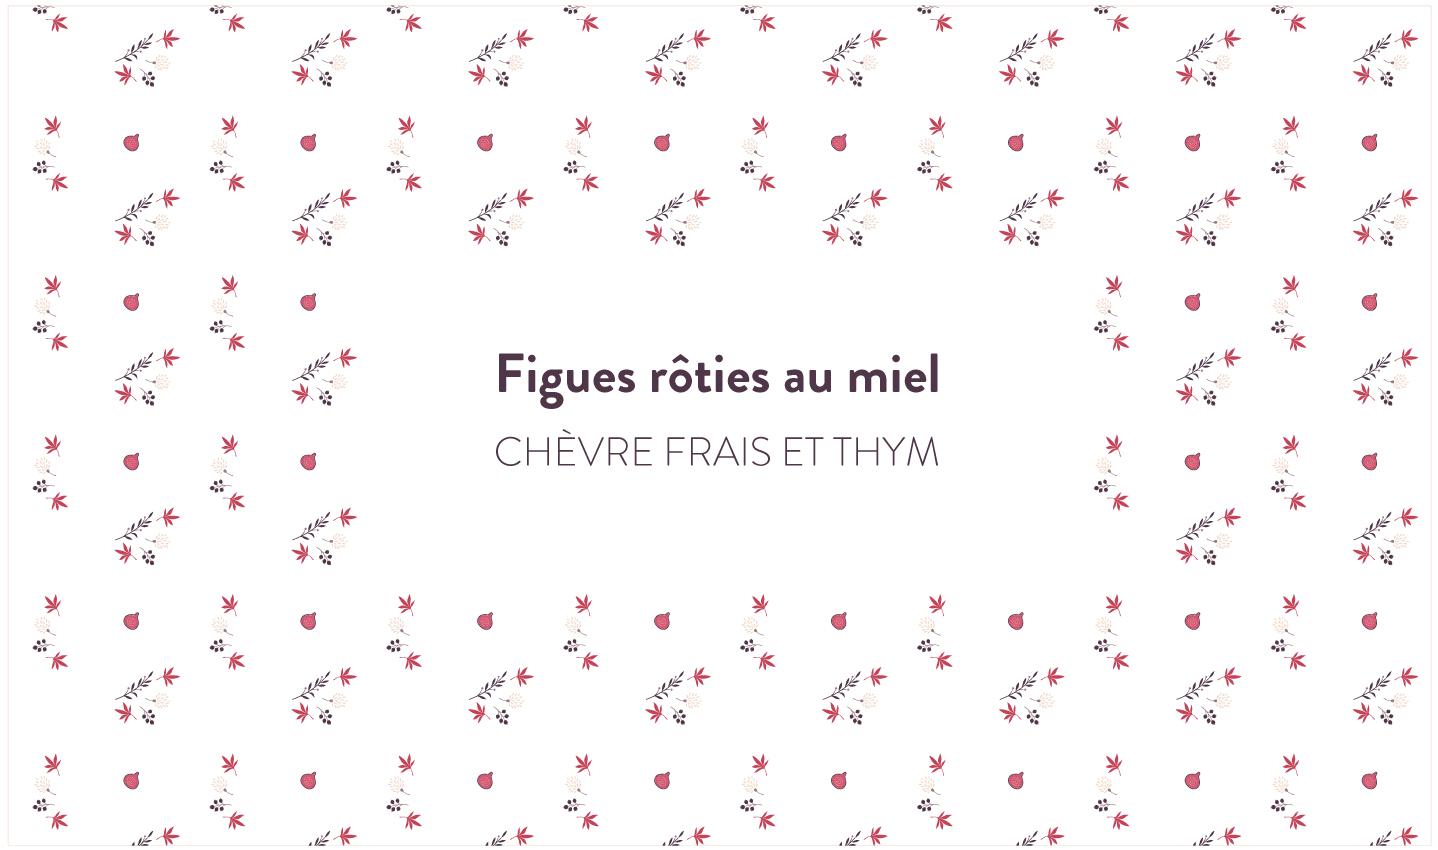 motifs-2016-automne-figues